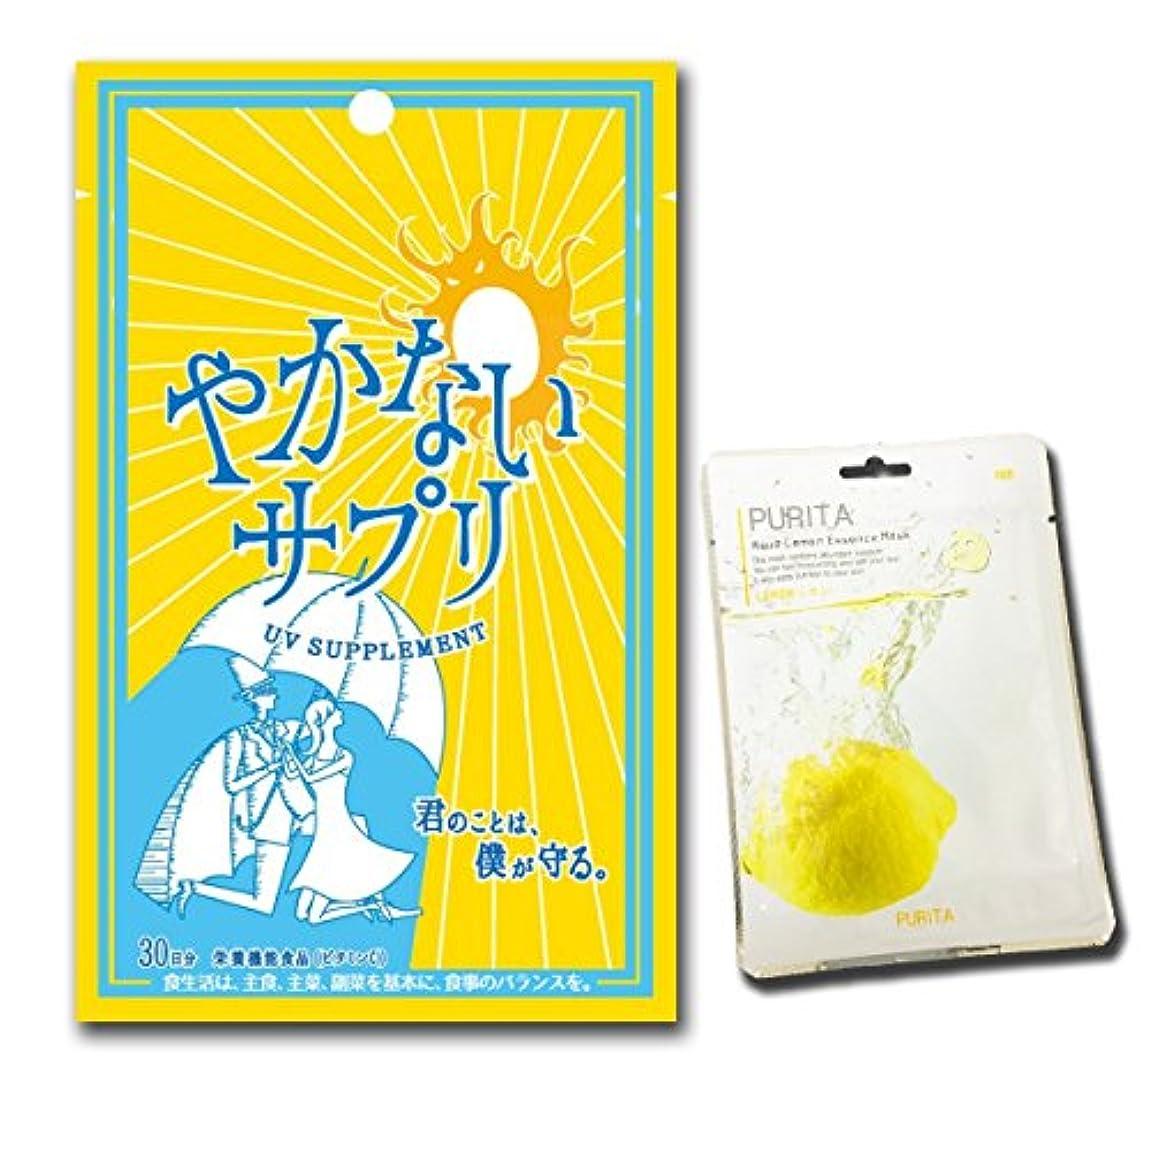 ラッドヤードキップリング不調和舗装飲む日焼け止め やかないサプリ 日本製 (30粒/30日分) PURITAフェイスマスク1枚付